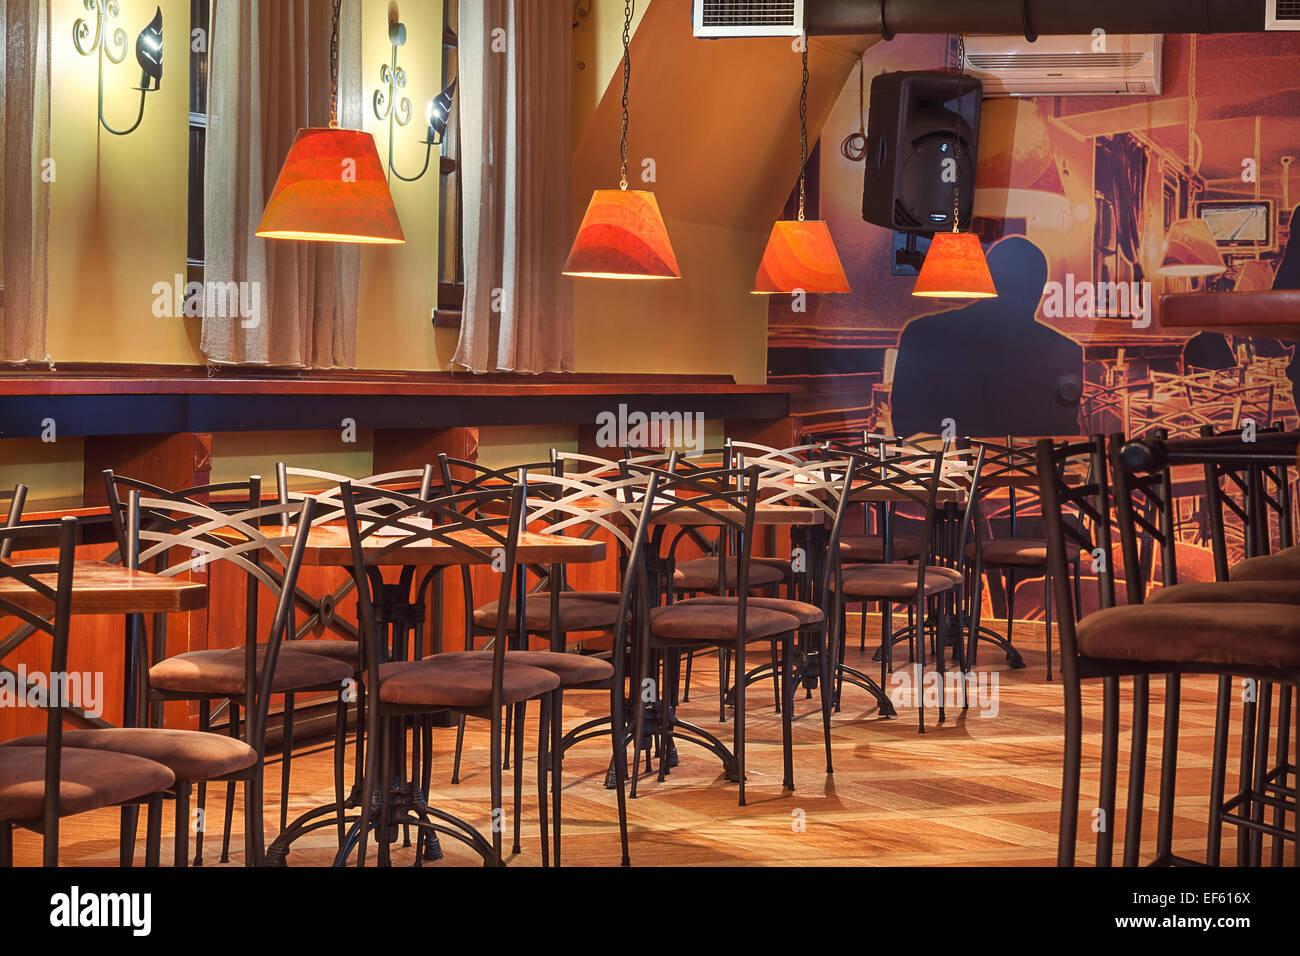 Januar 2015: Velvet Cafe Und Club Interieur, Modernen Design Mit Vintage  Stühle Und Tische.